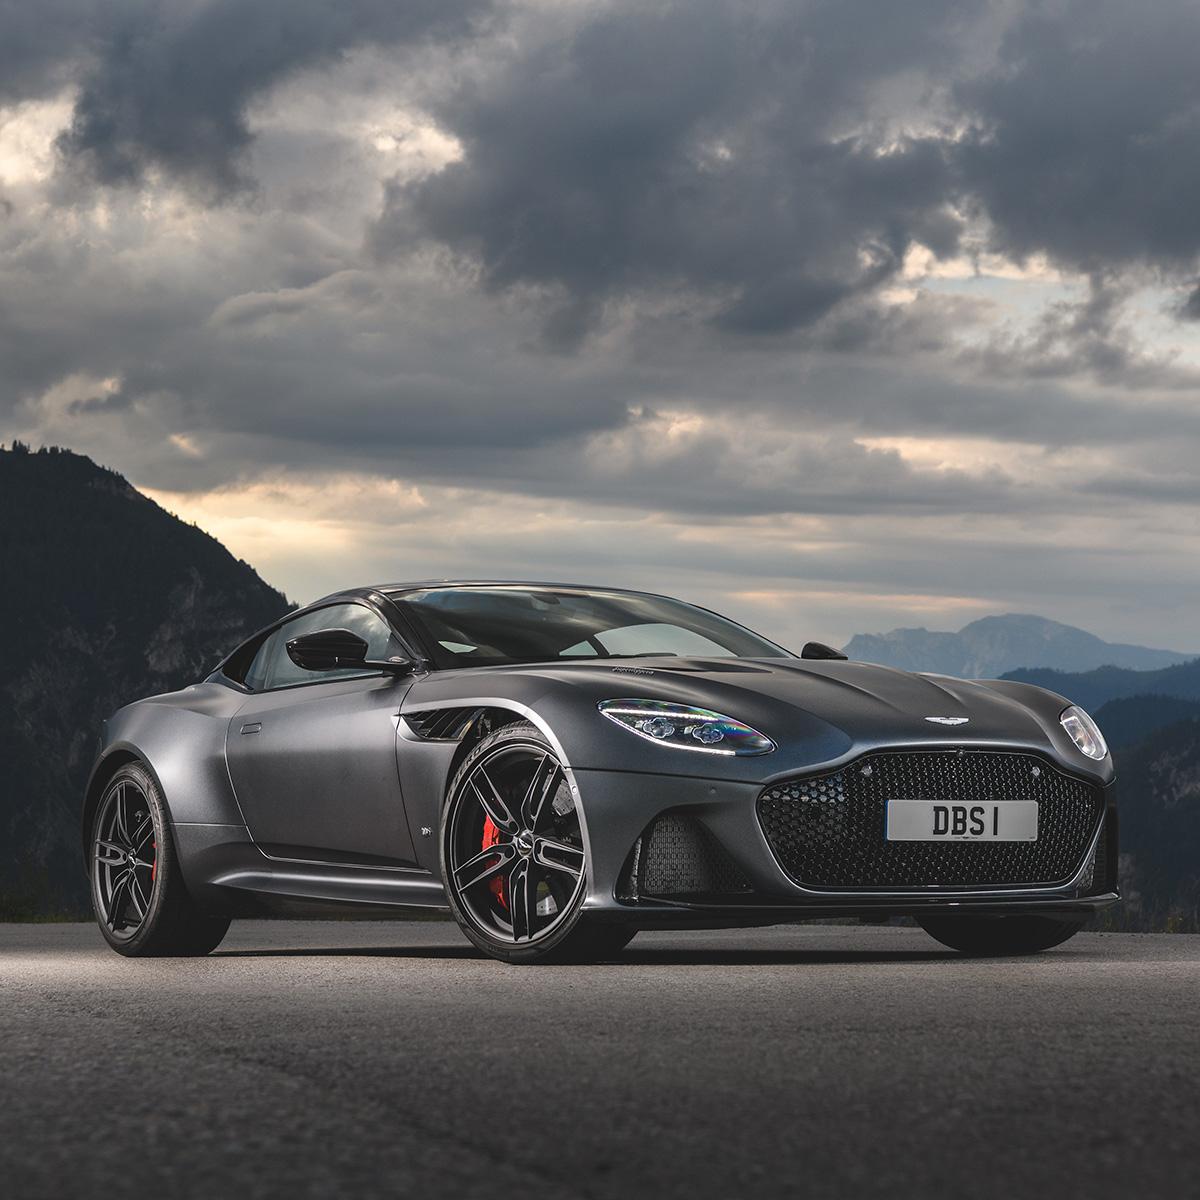 Aston Martin DBS Superleggera Will Join DB5, V8 Vantage